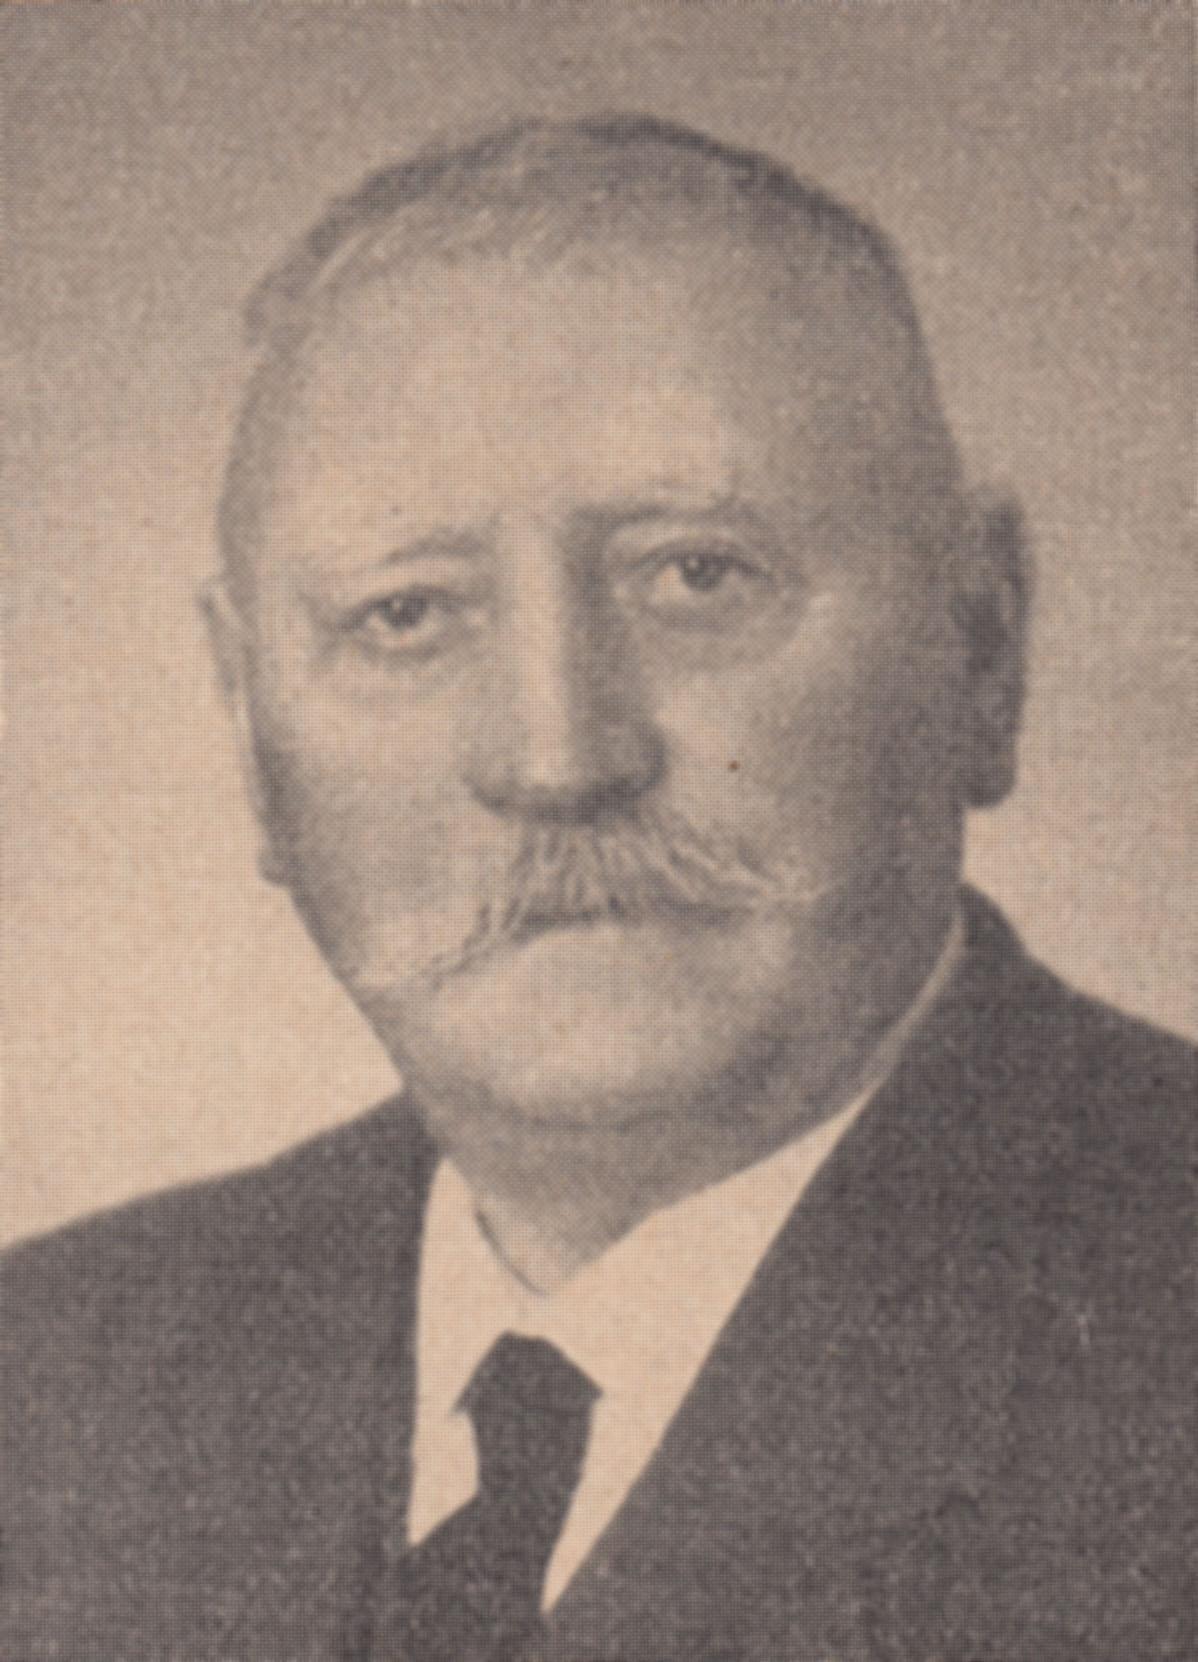 Johann Benz